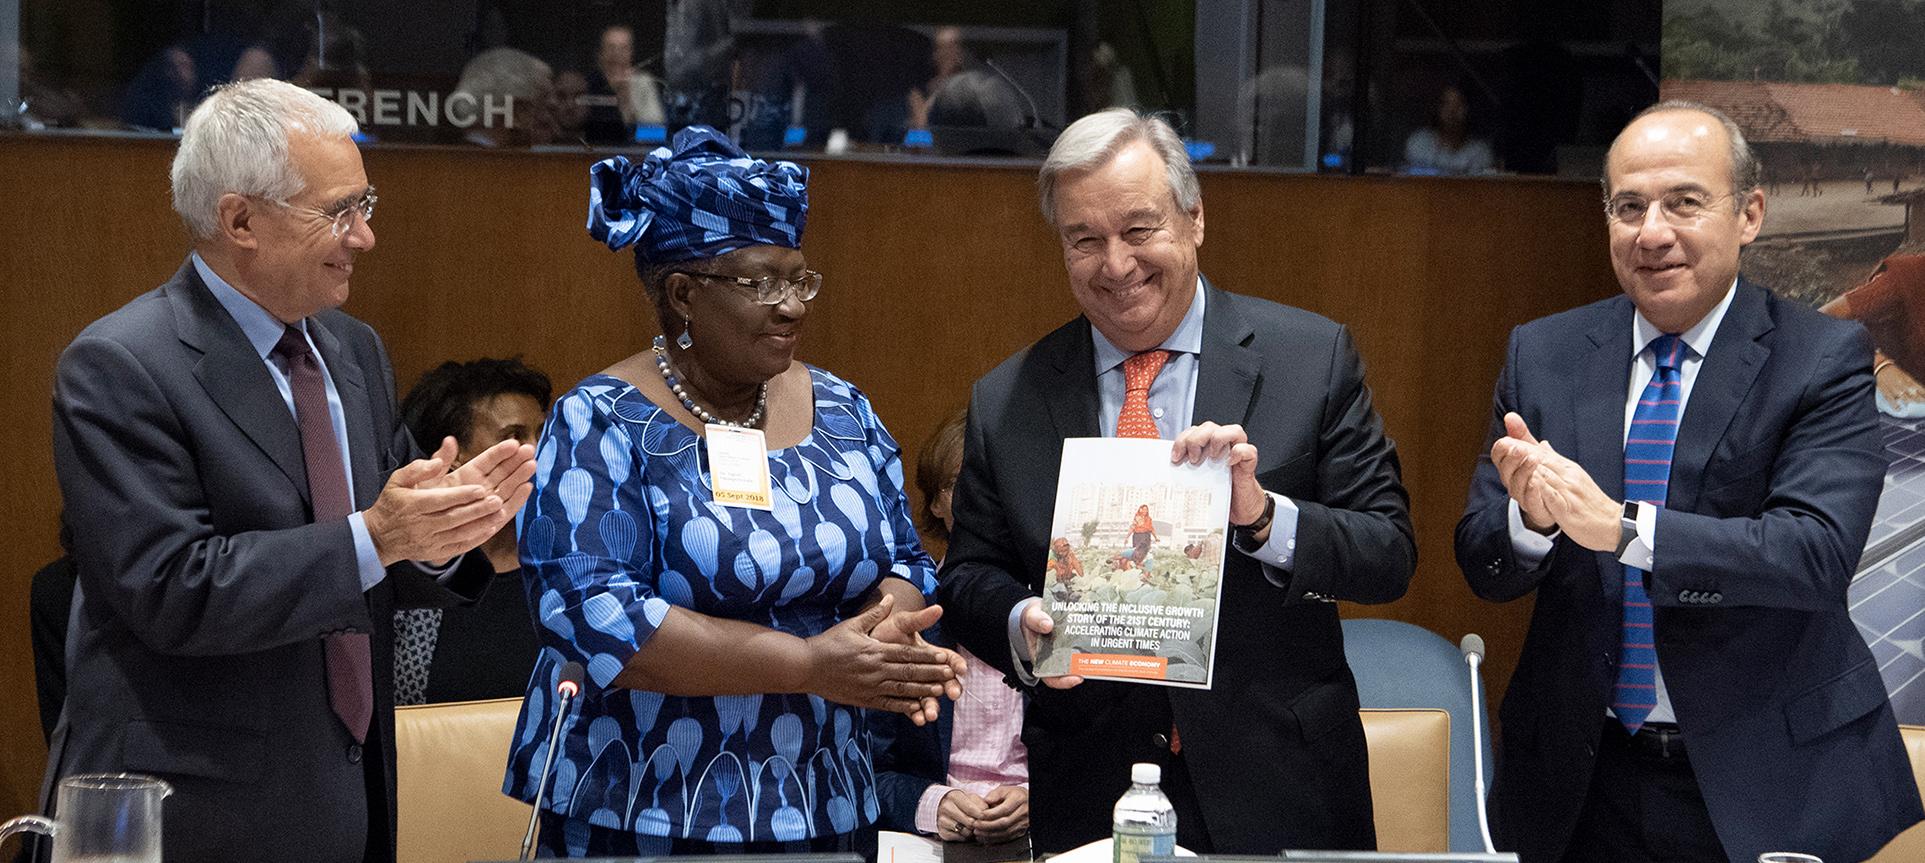 UN climtae change action summit.jpg